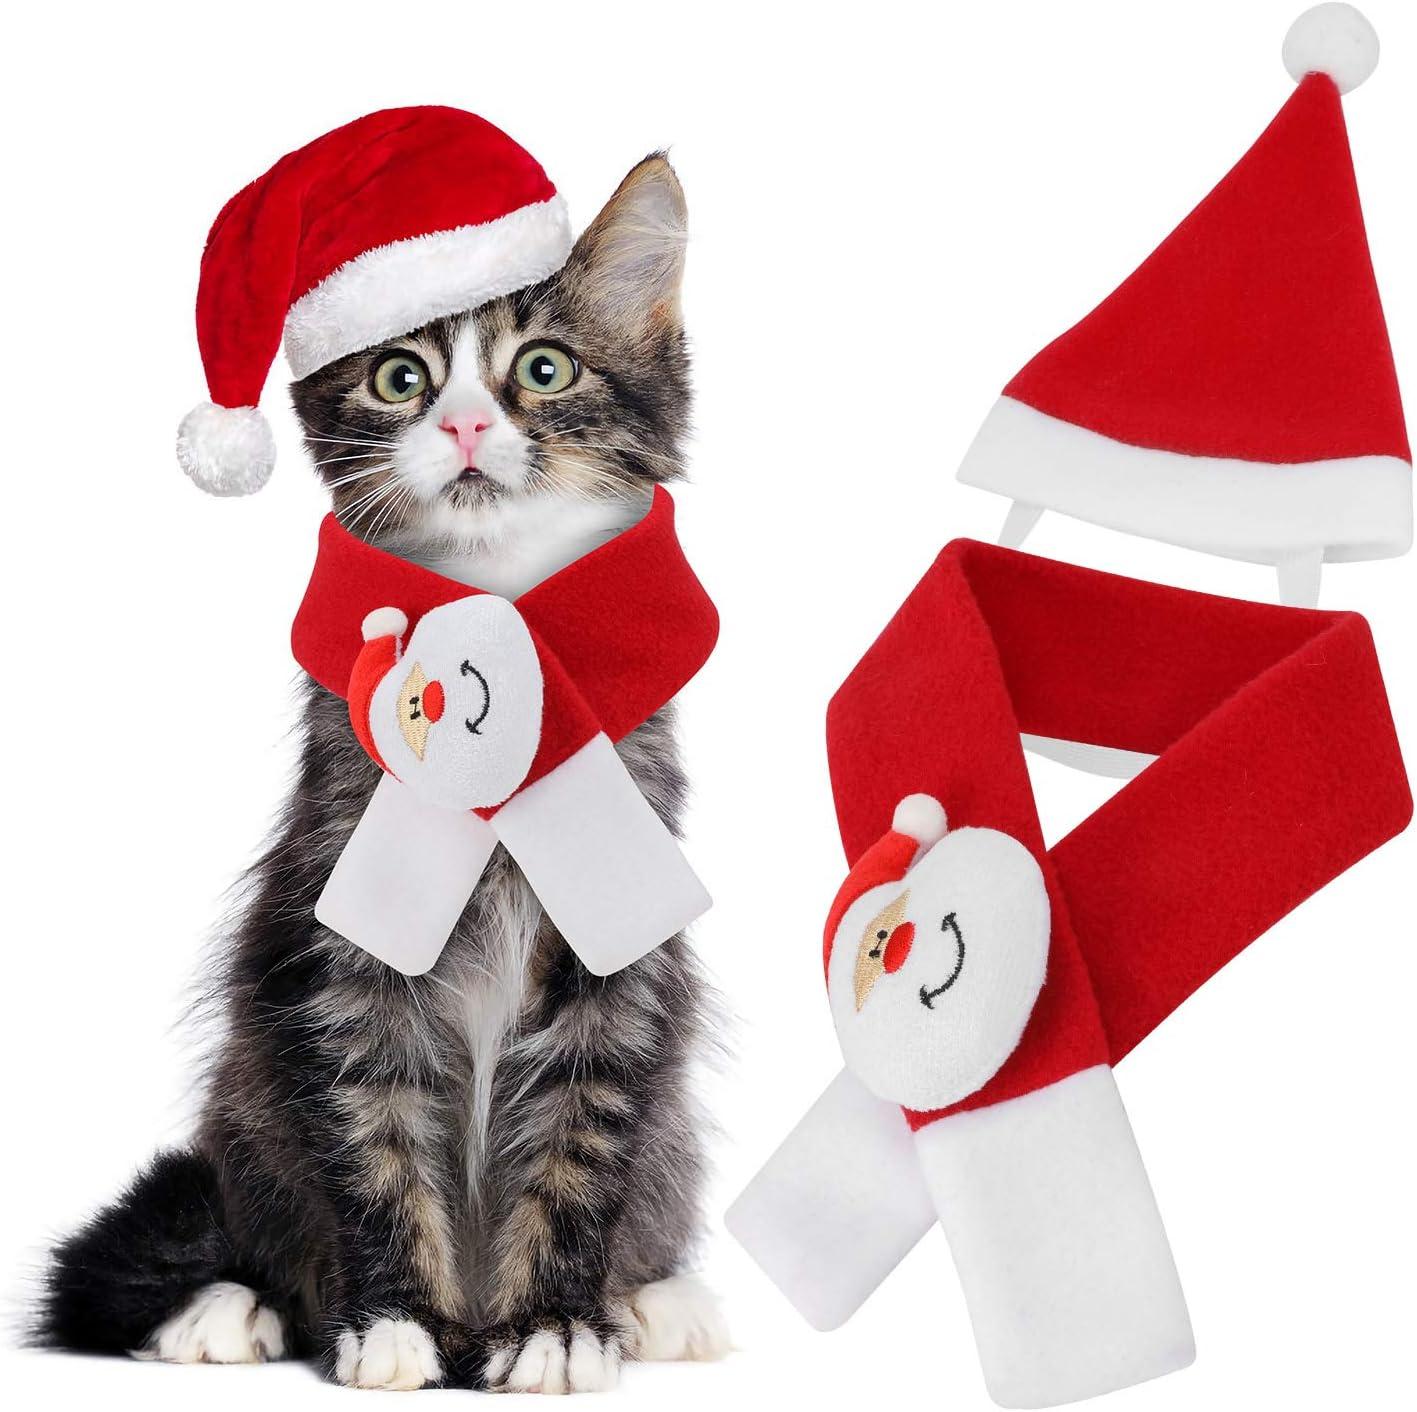 Disfraces de Navidad para mascotas, bufanda navideña con gorro de Papá Noel para gatos / perros, disfraces de cosplay, mascotas, Navidad, día de acción de gracias, fiesta de año nuevo